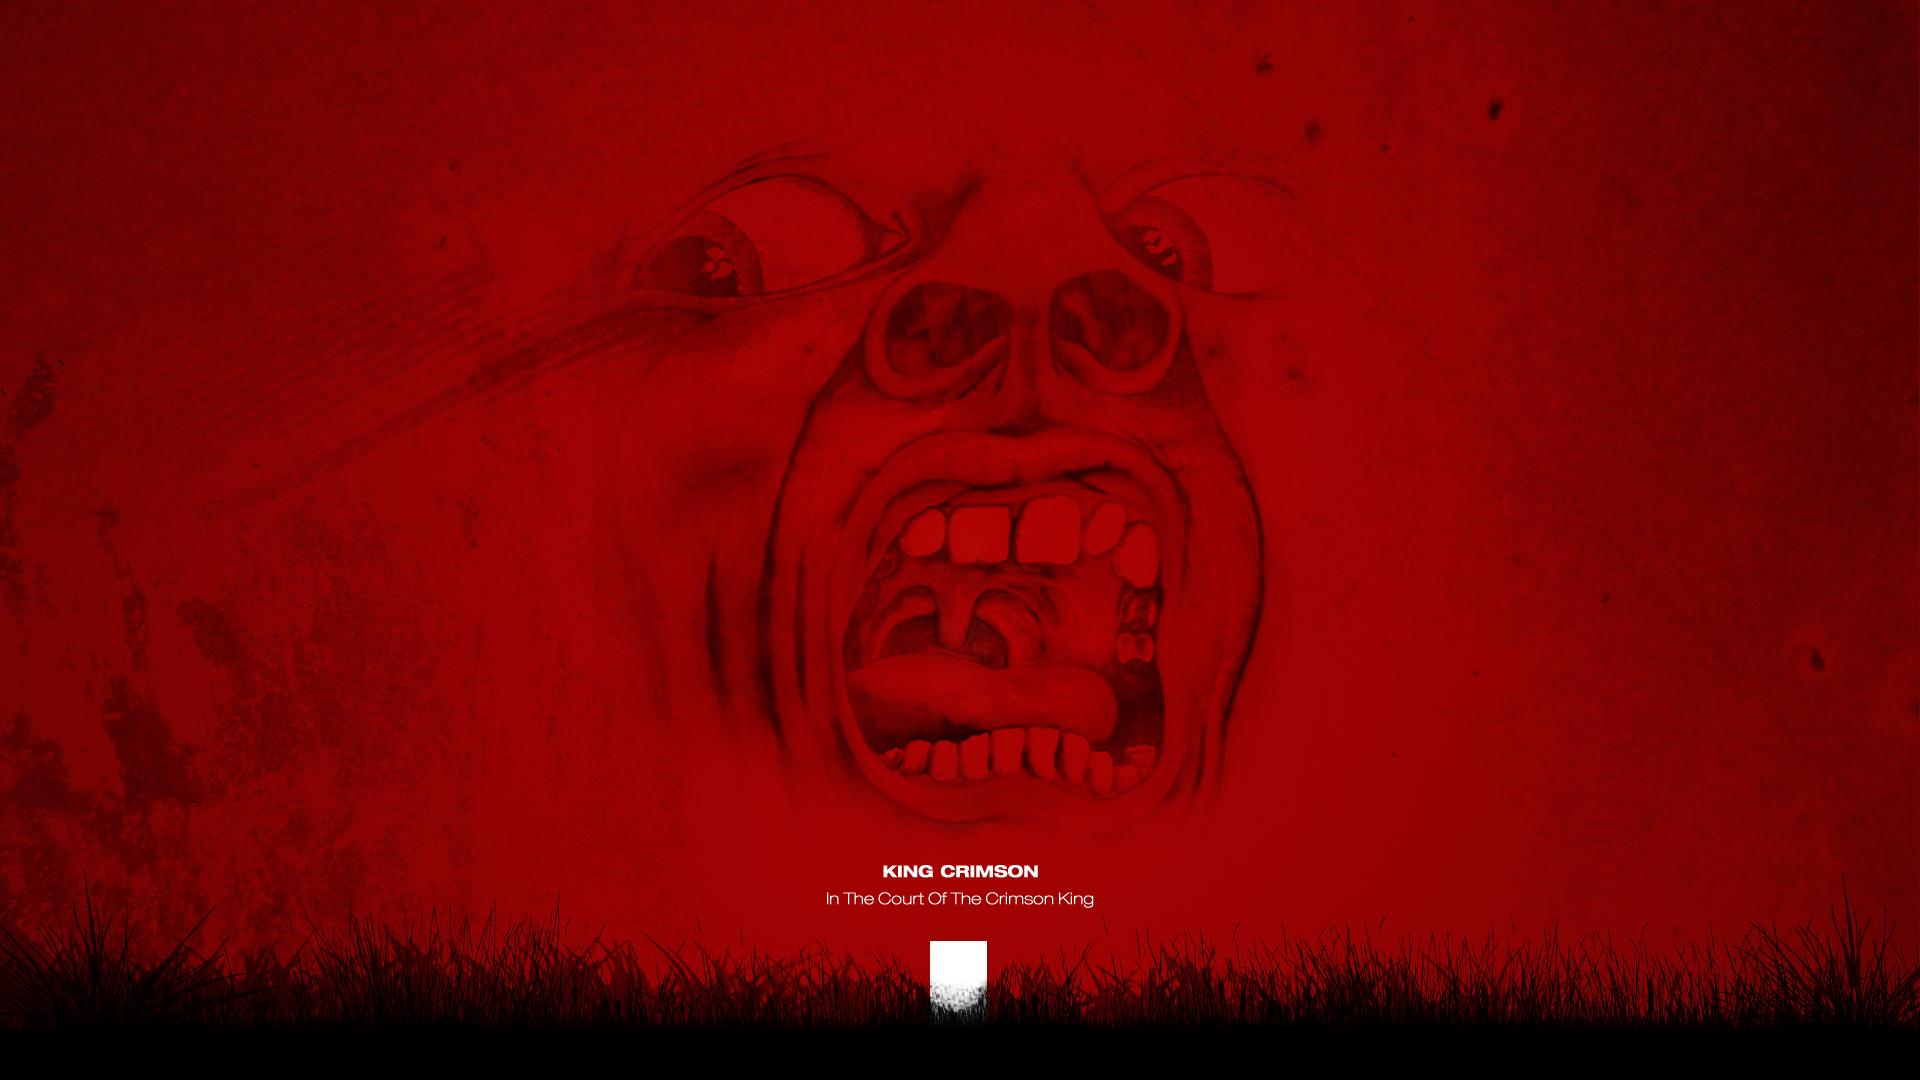 King Crimson Wallpaper - WallpaperSafari